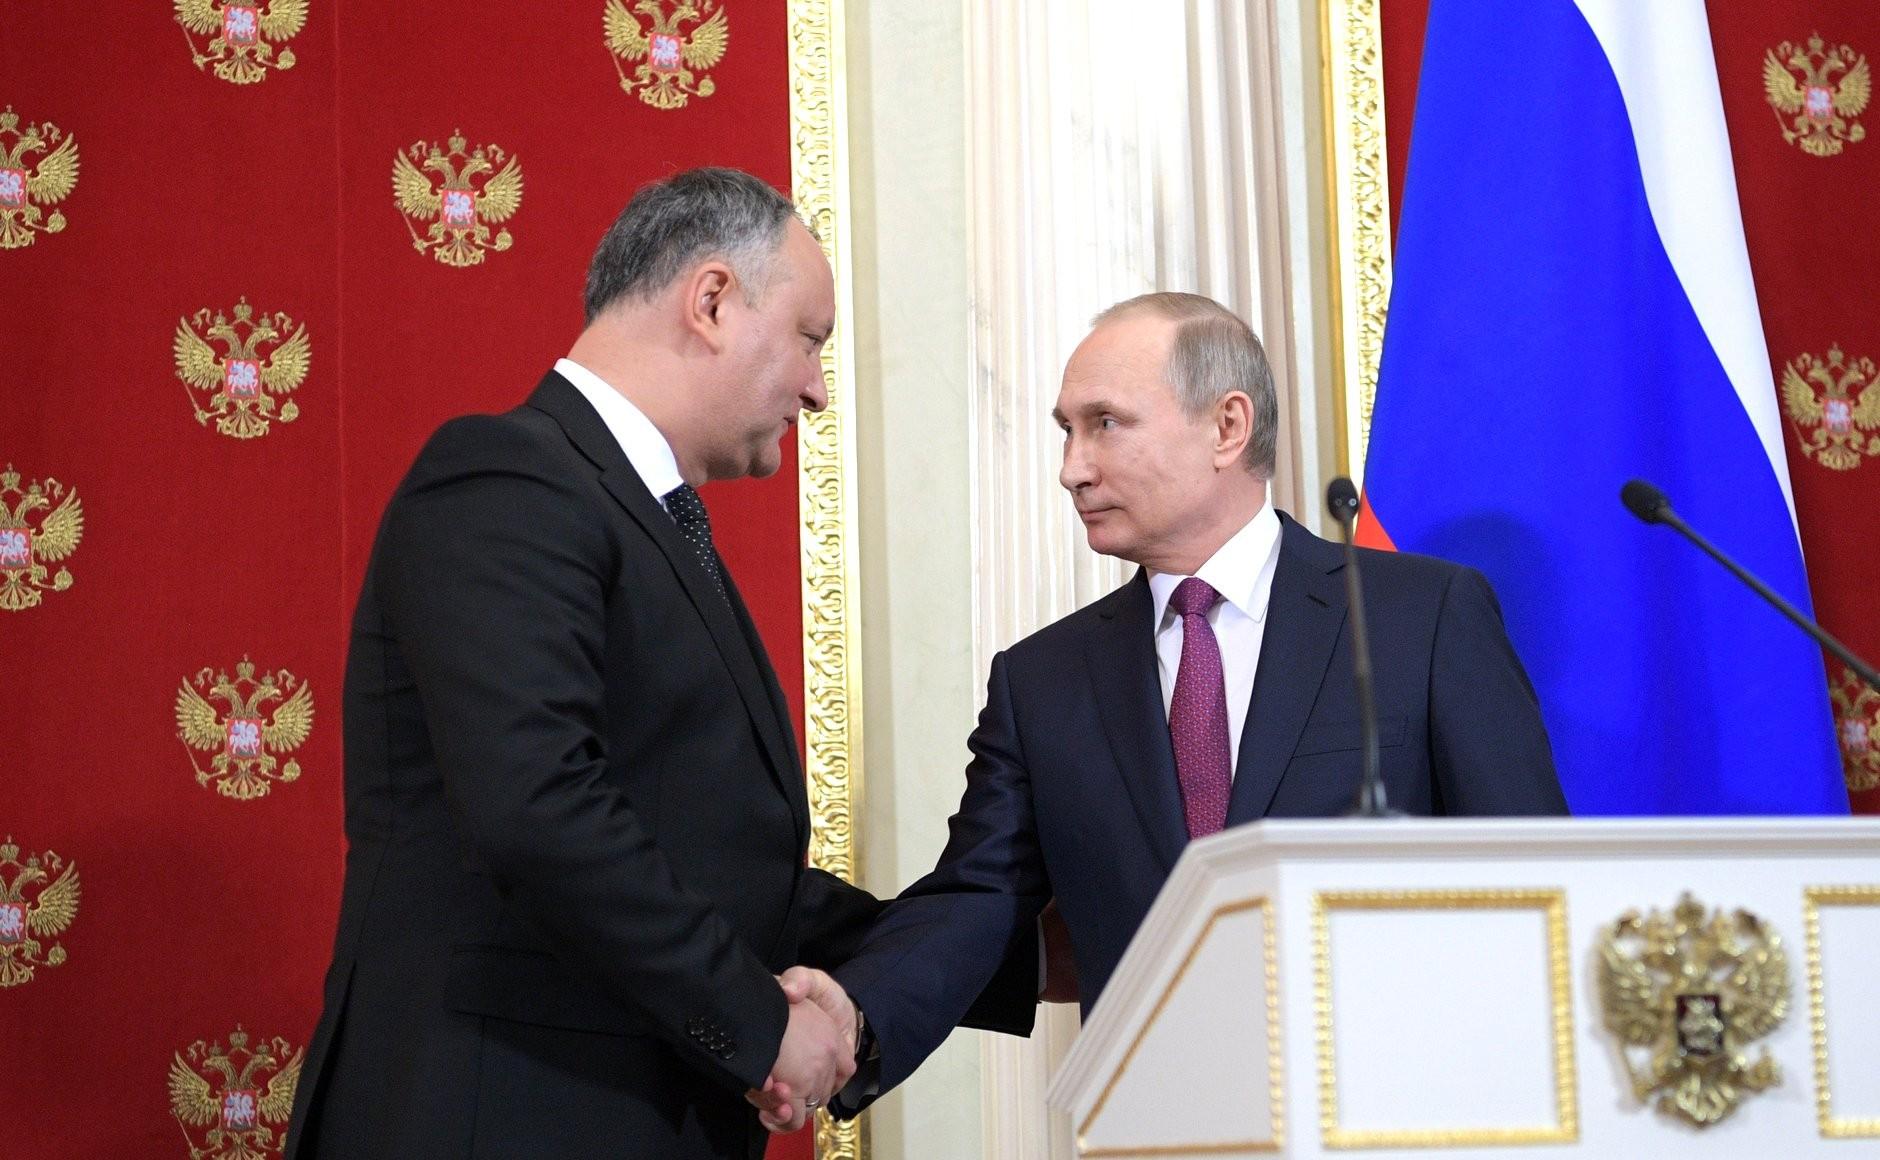 Путин: Молдавия является важным партнёром Российской Федерации